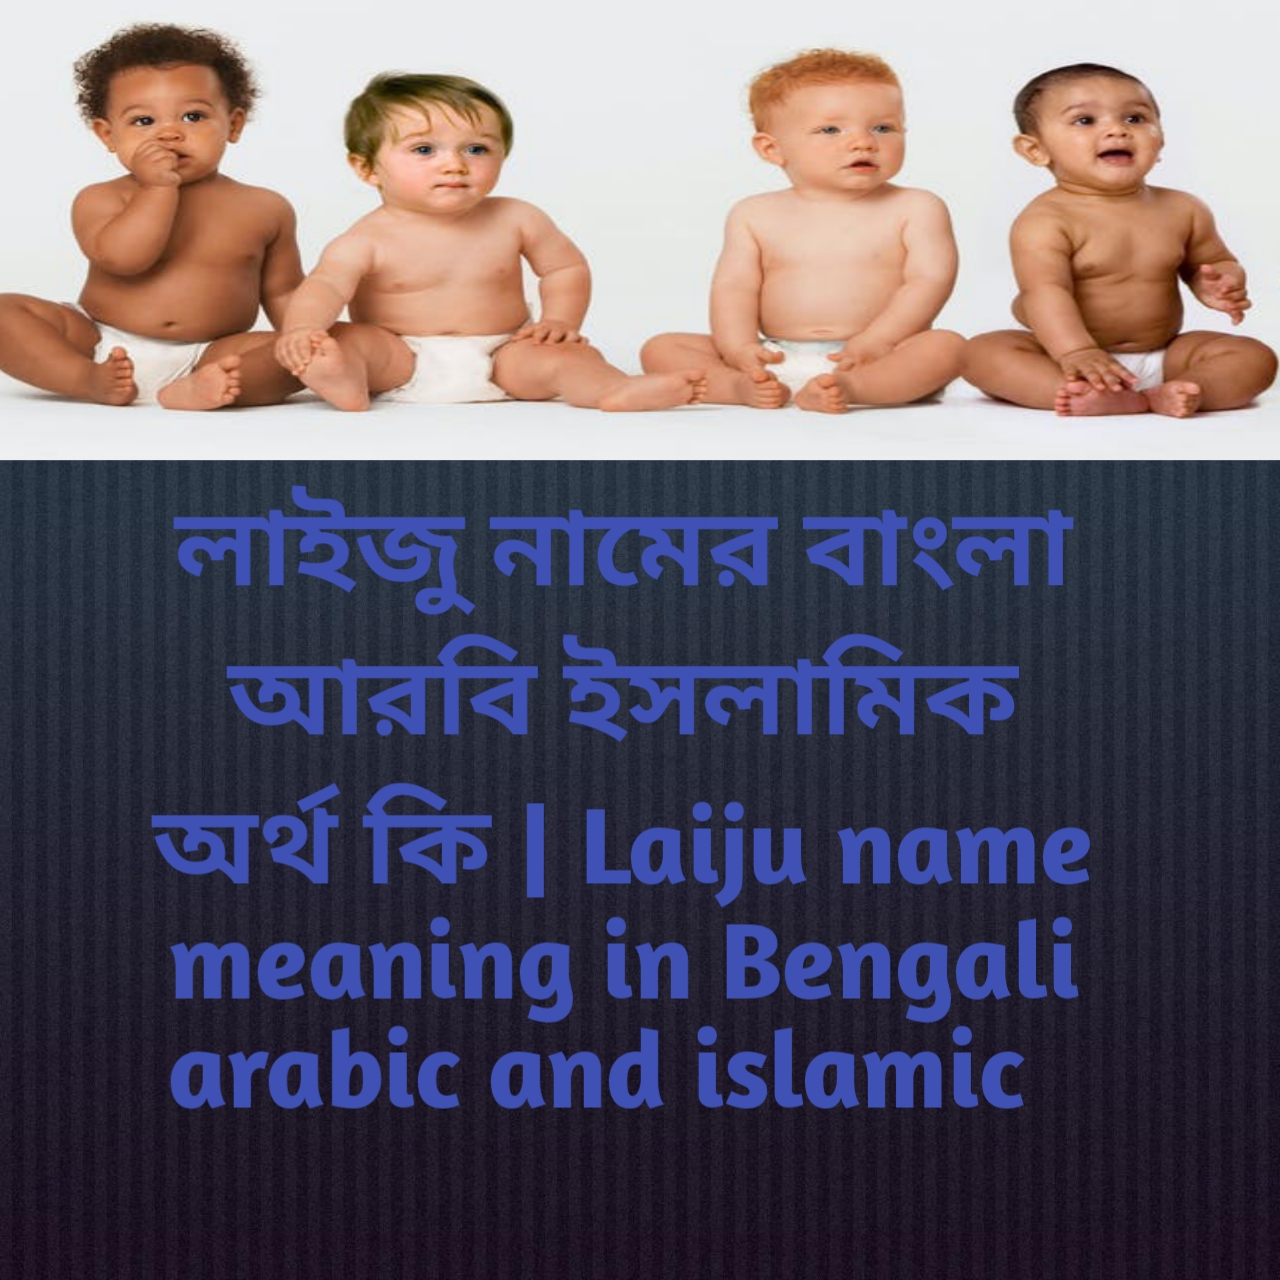 লাইজু নামের অর্থ কি, লাইজু নামের বাংলা অর্থ কি, লাইজু নামের ইসলামিক অর্থ কি, Laiju name meaning in Bengali, লাইজু কি ইসলামিক নাম,